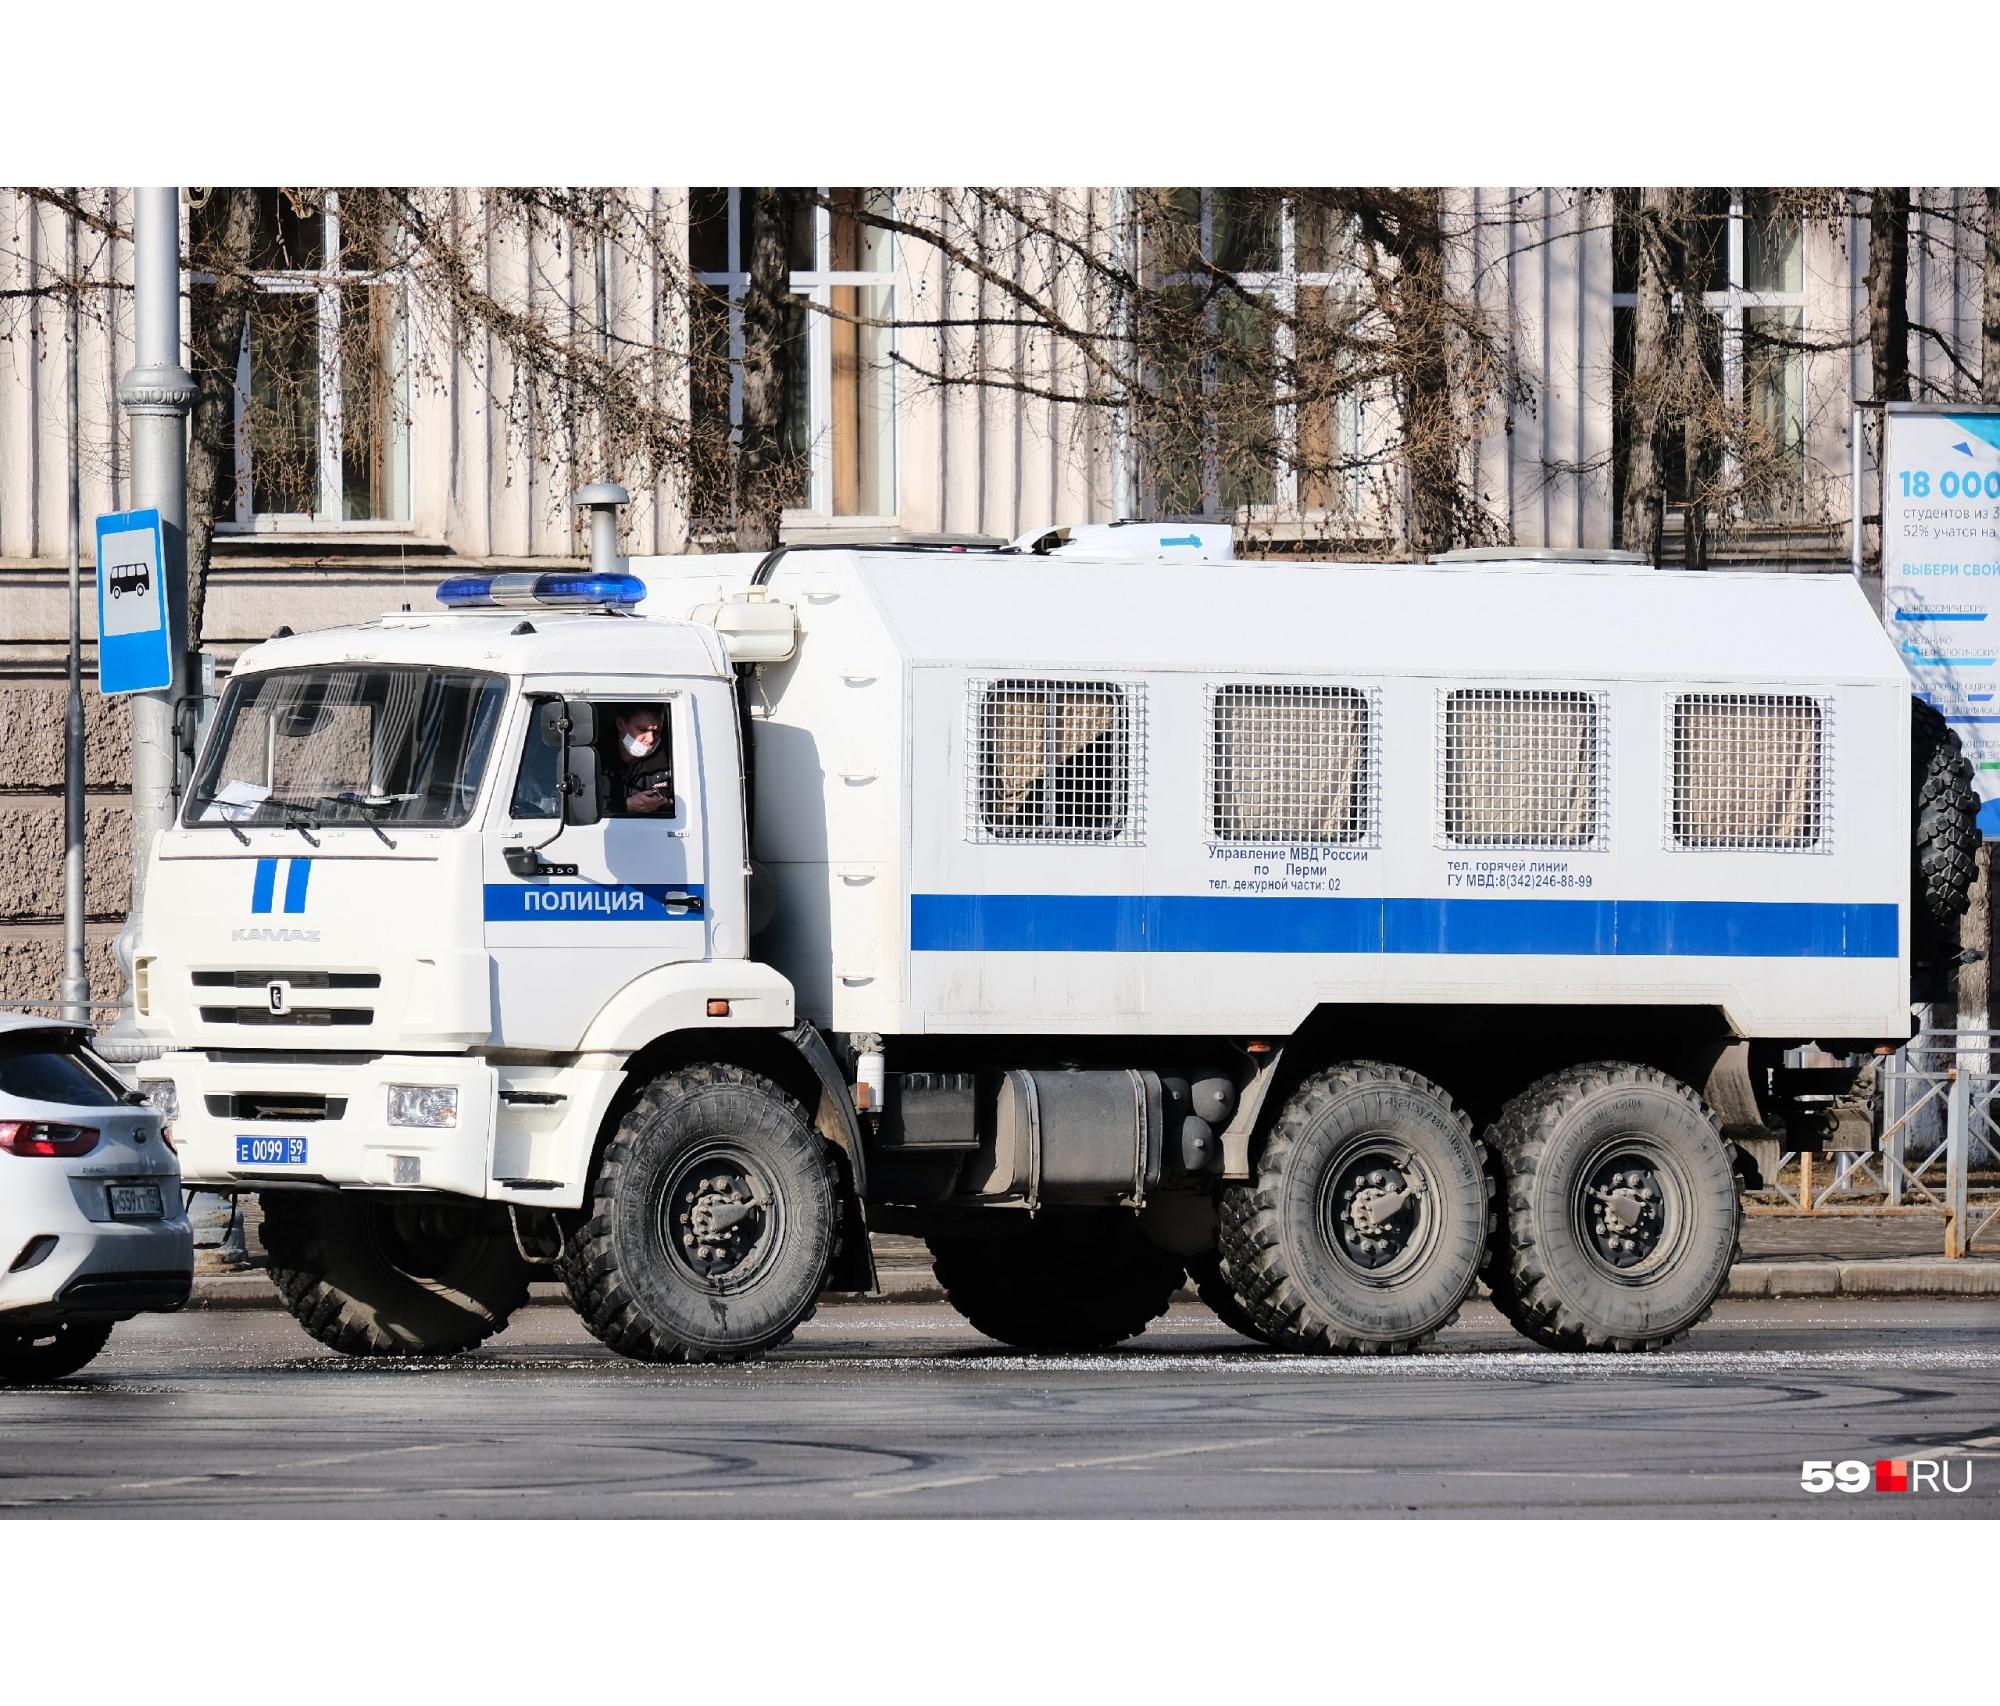 На Октябрьской площади полиция бдит за порядком